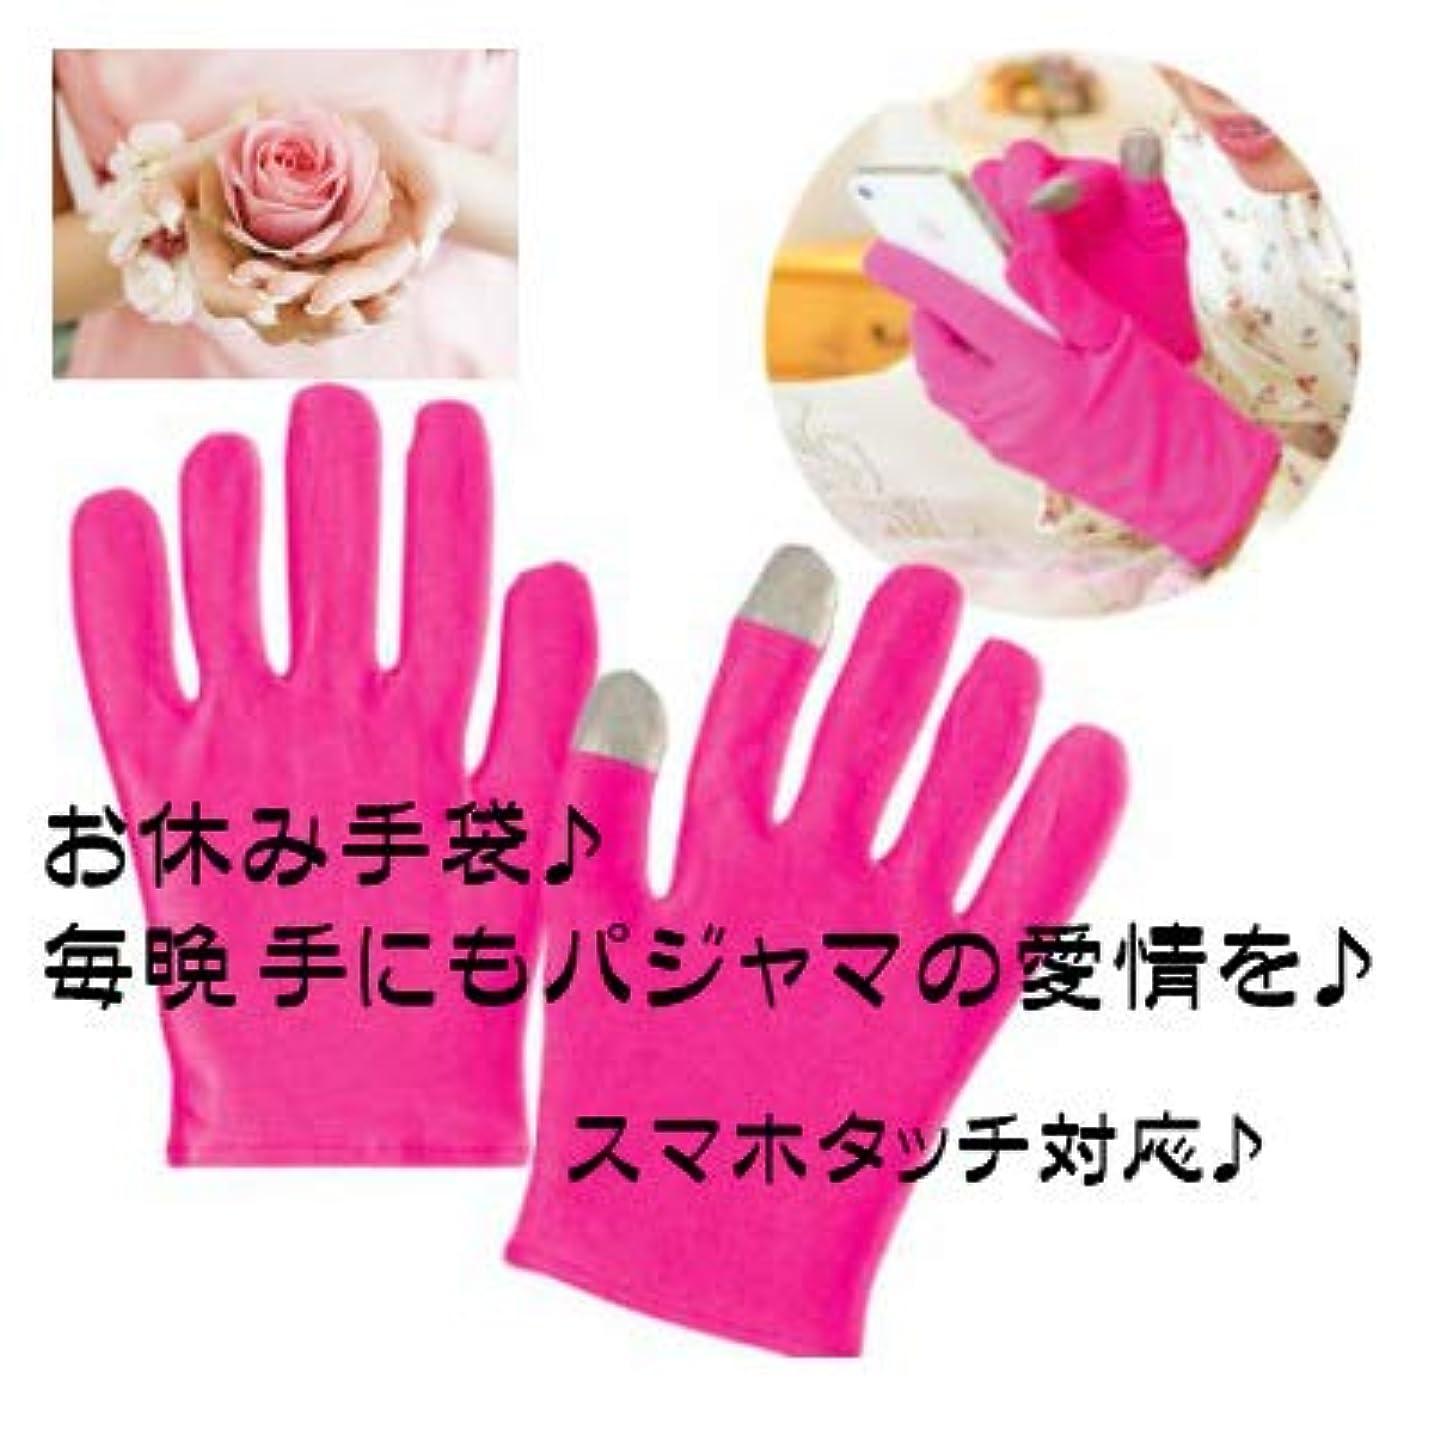 口とティーム勇敢な●美容ハンドケア手袋 就寝手袋 スマホタッチ対応 おやすみ手袋保湿手袋ネイルケア